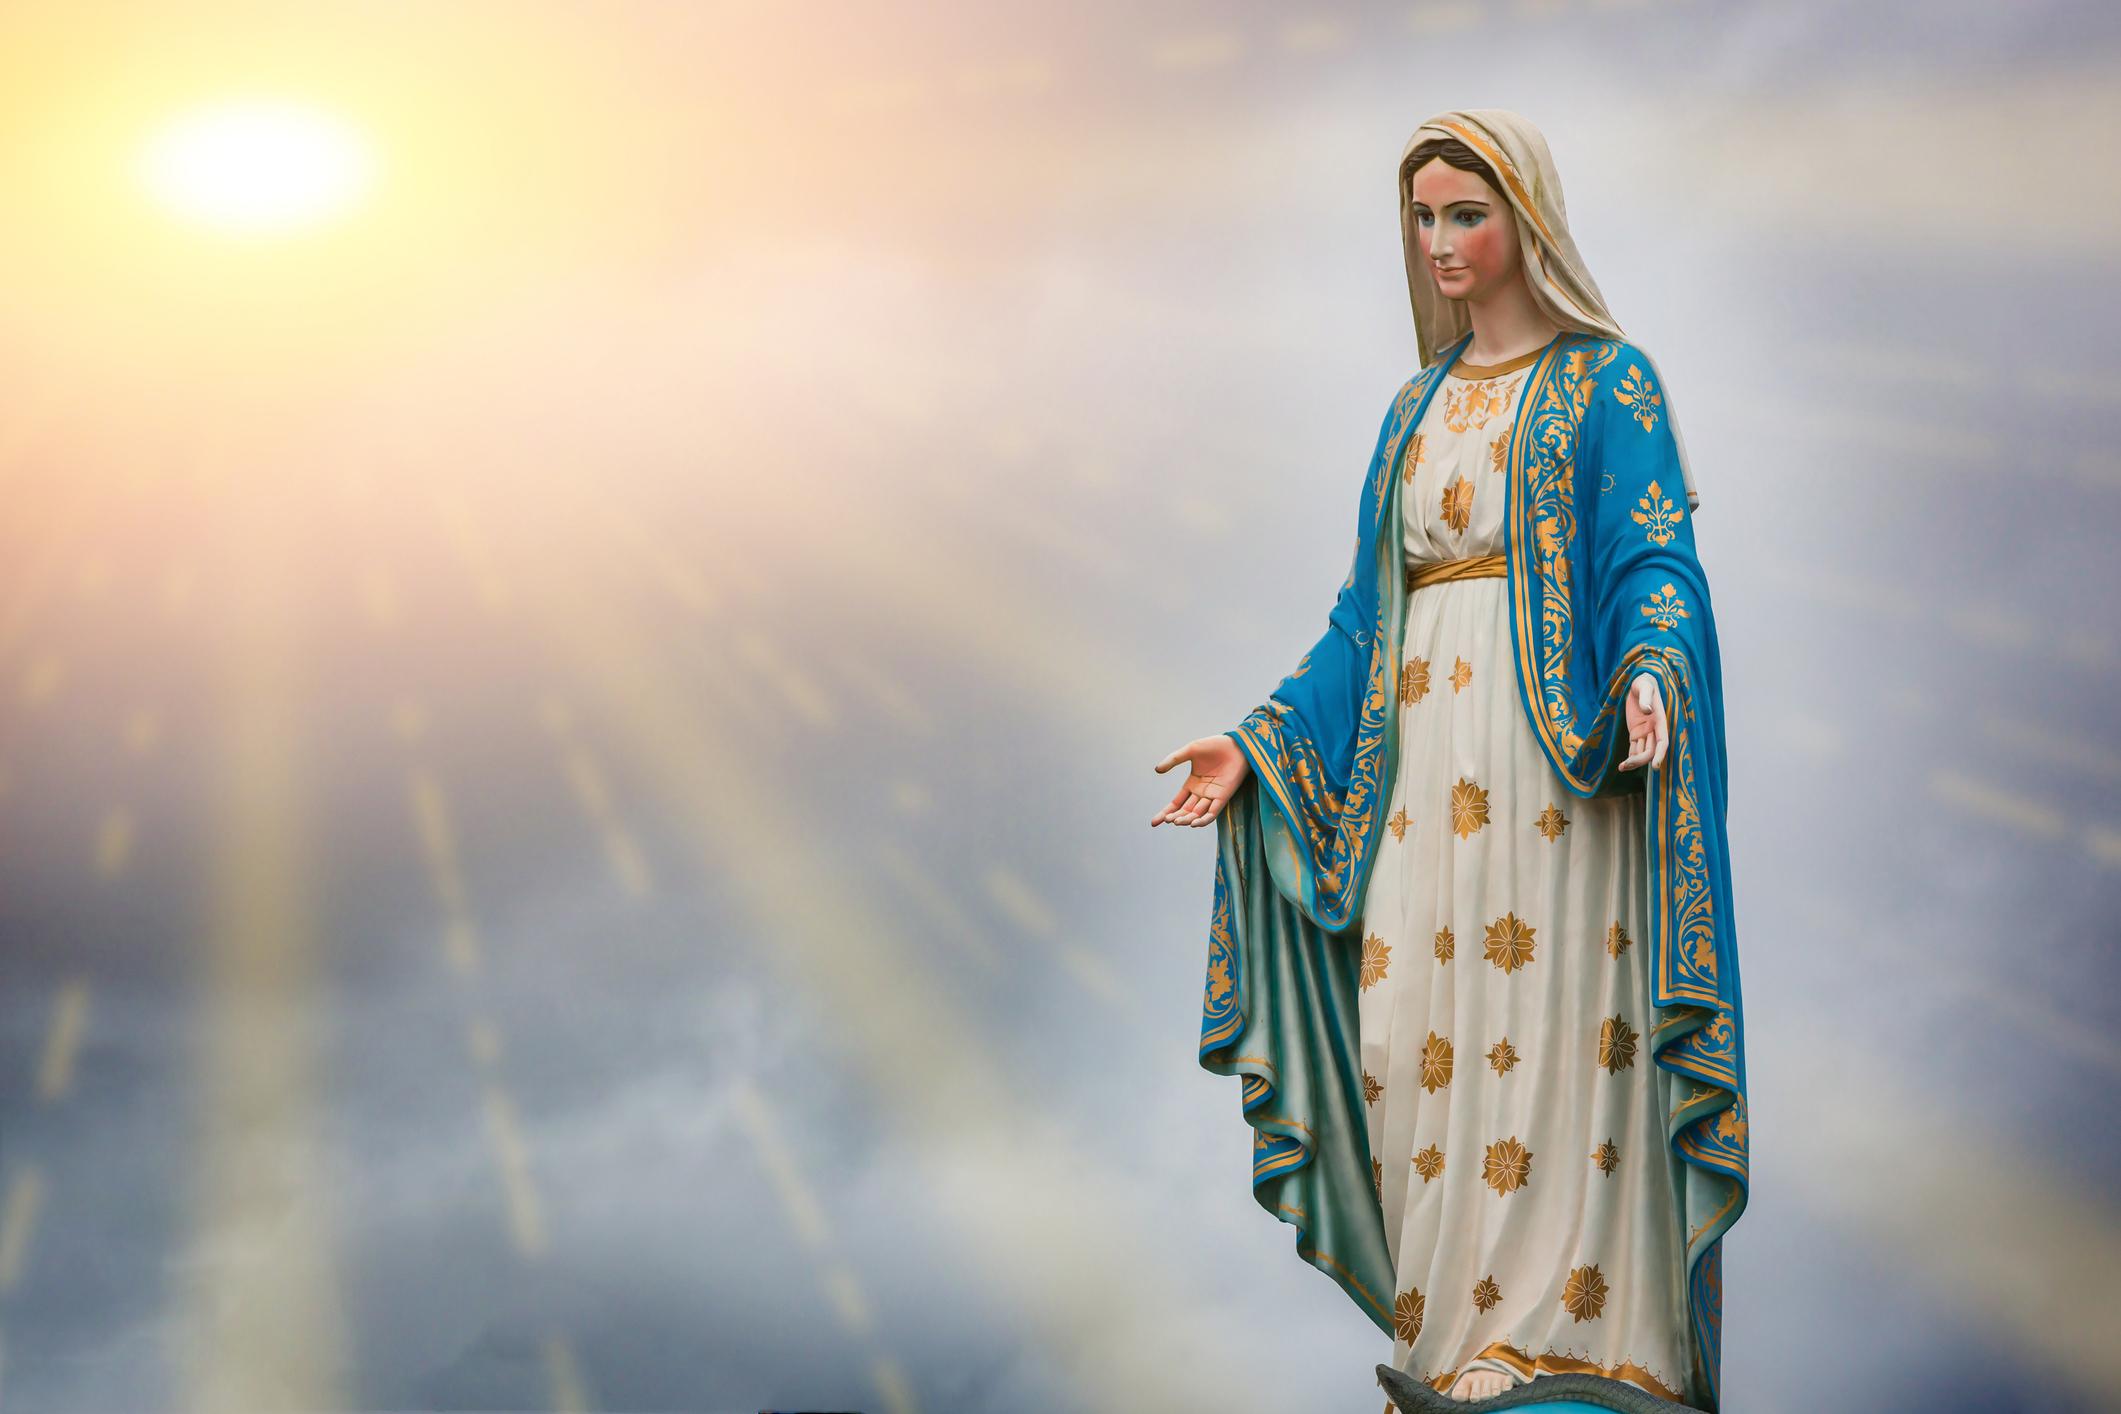 10. lipnja Marija Majke Crkve - Majka Božja je prototip Crkve po svojoj  vjeri, ljubavi i savršenom jedinstvu s Kristom! – narod.hr